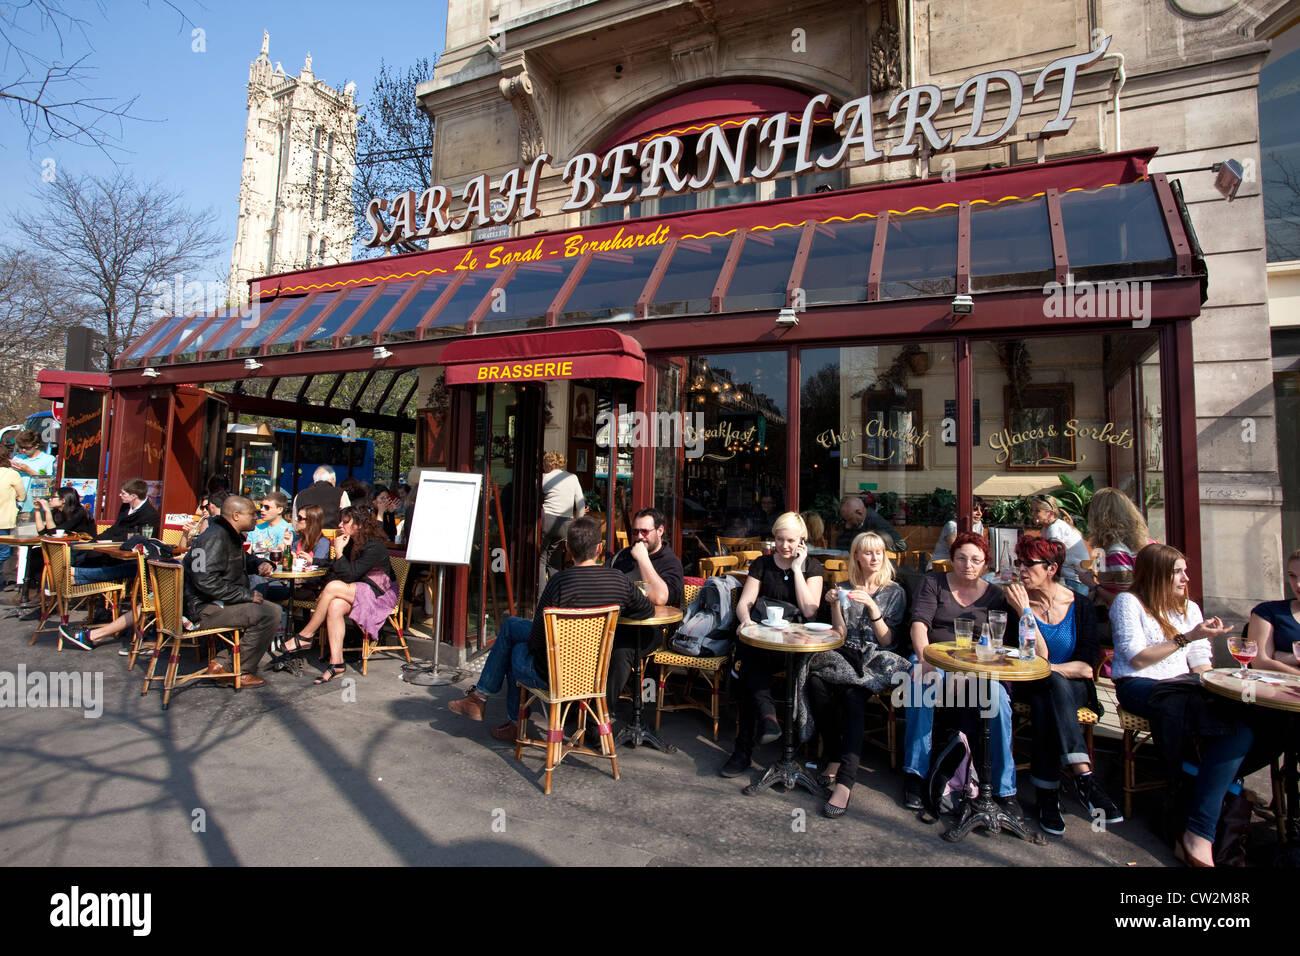 cafe restaurant le sarah bernhardt place du chatelet paris france stock photo 49846967 alamy. Black Bedroom Furniture Sets. Home Design Ideas